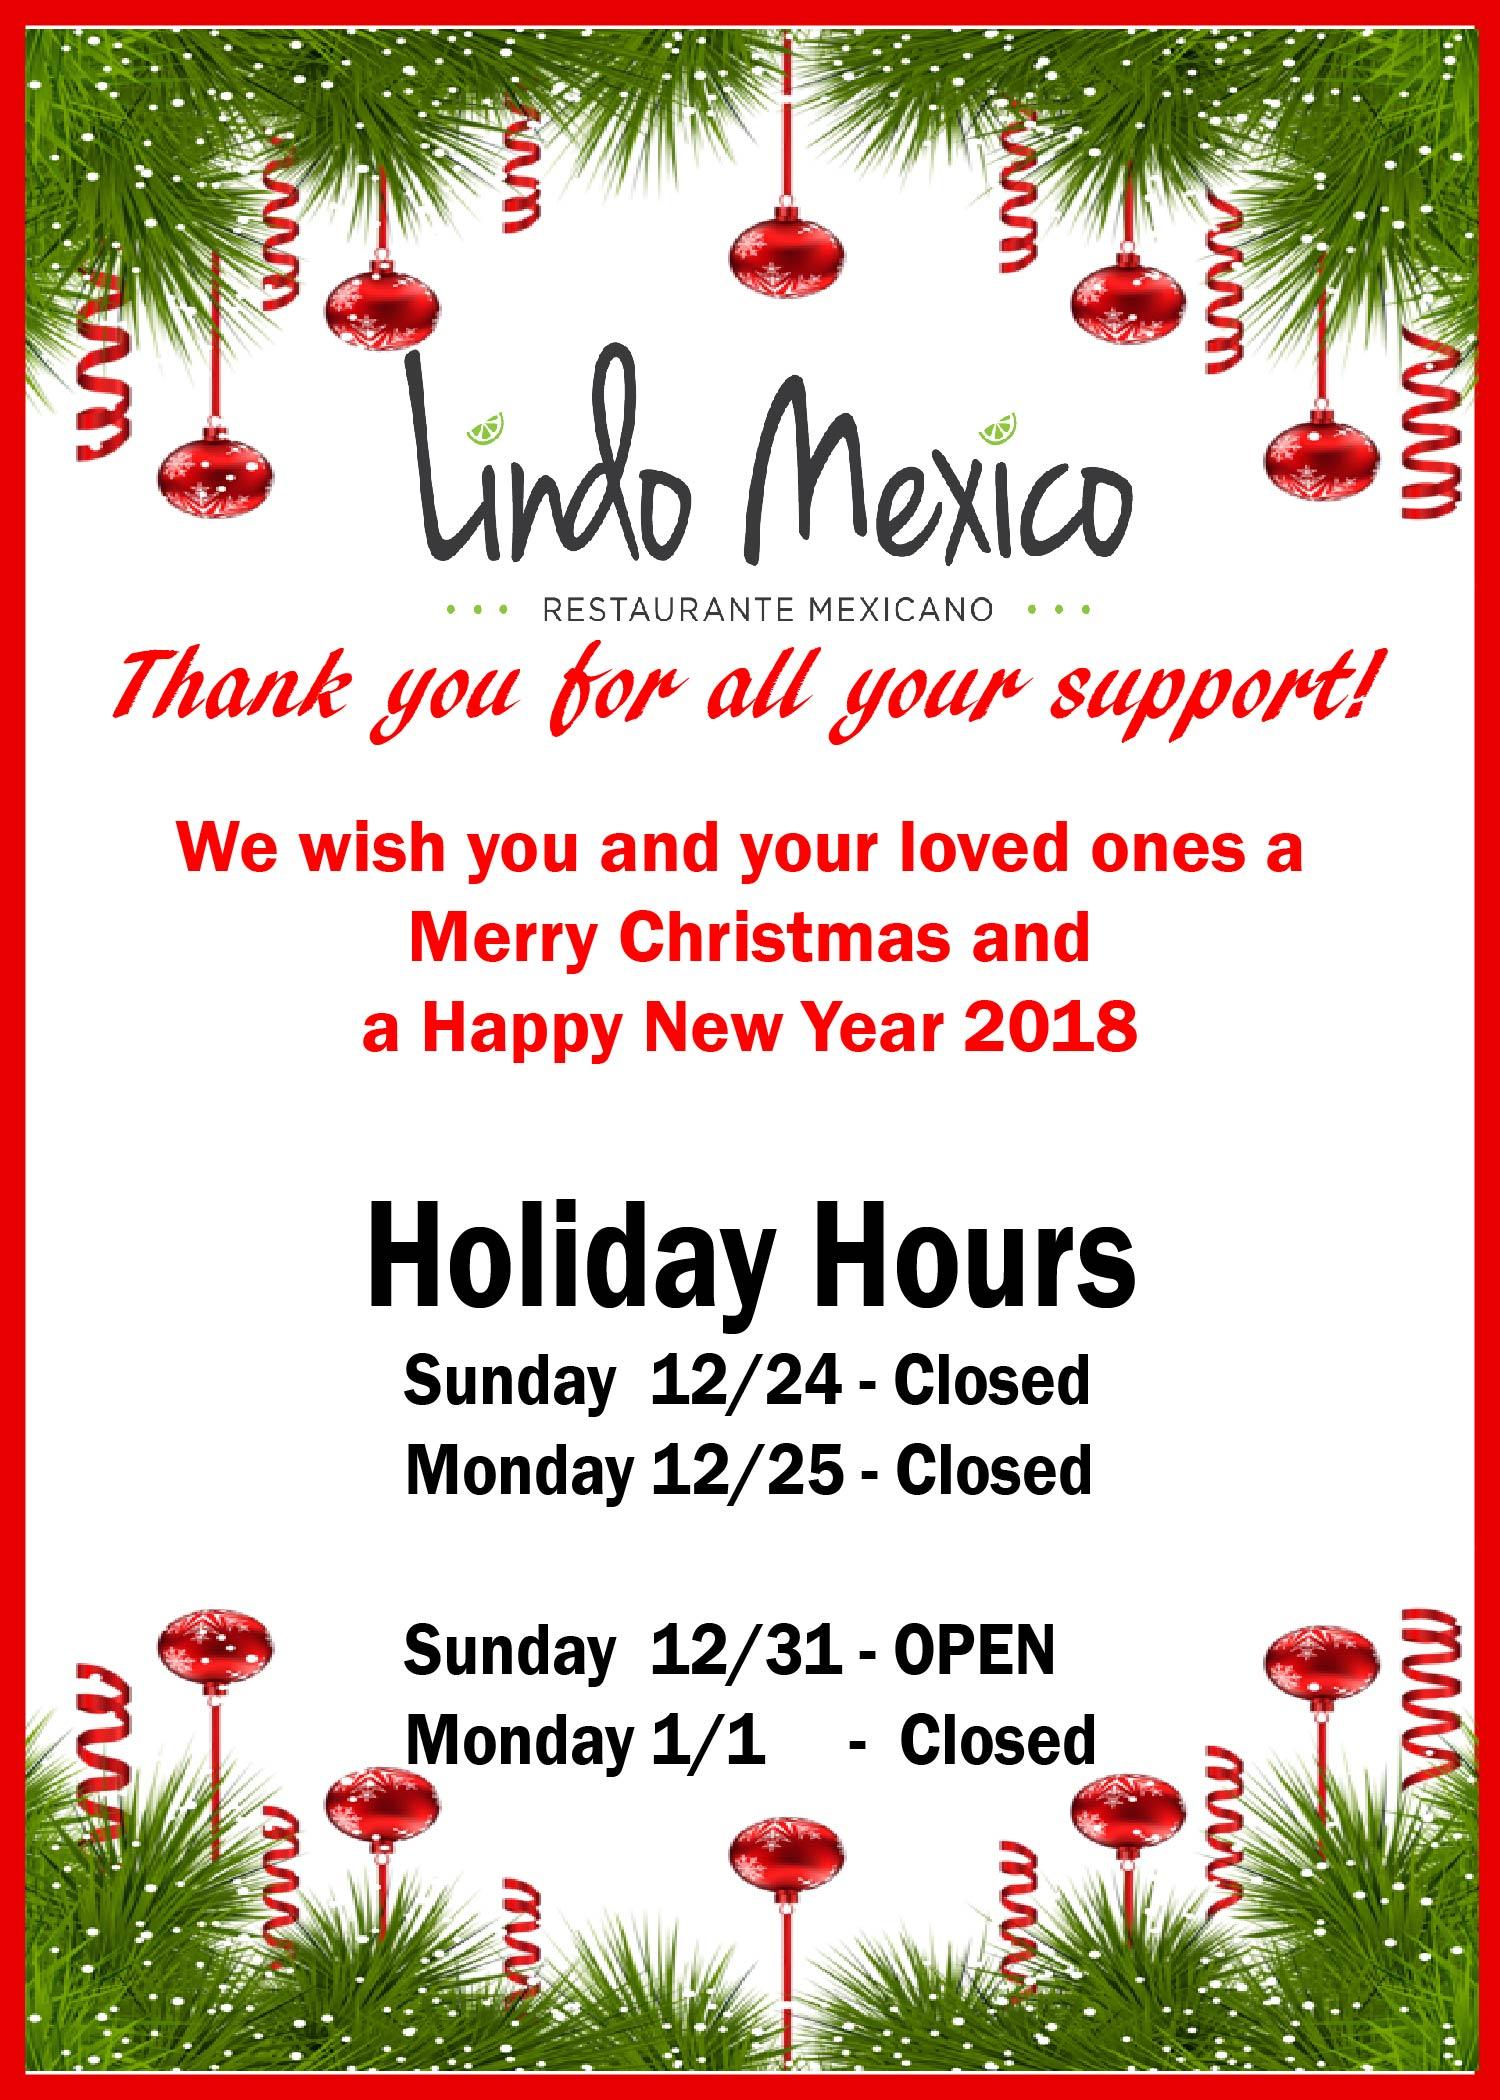 Feliz navidad y happy new year 2018 lindo mexico restaurante feliz navidad y happy new year 2018 lindo mexico restaurante mexicano home kristyandbryce Gallery